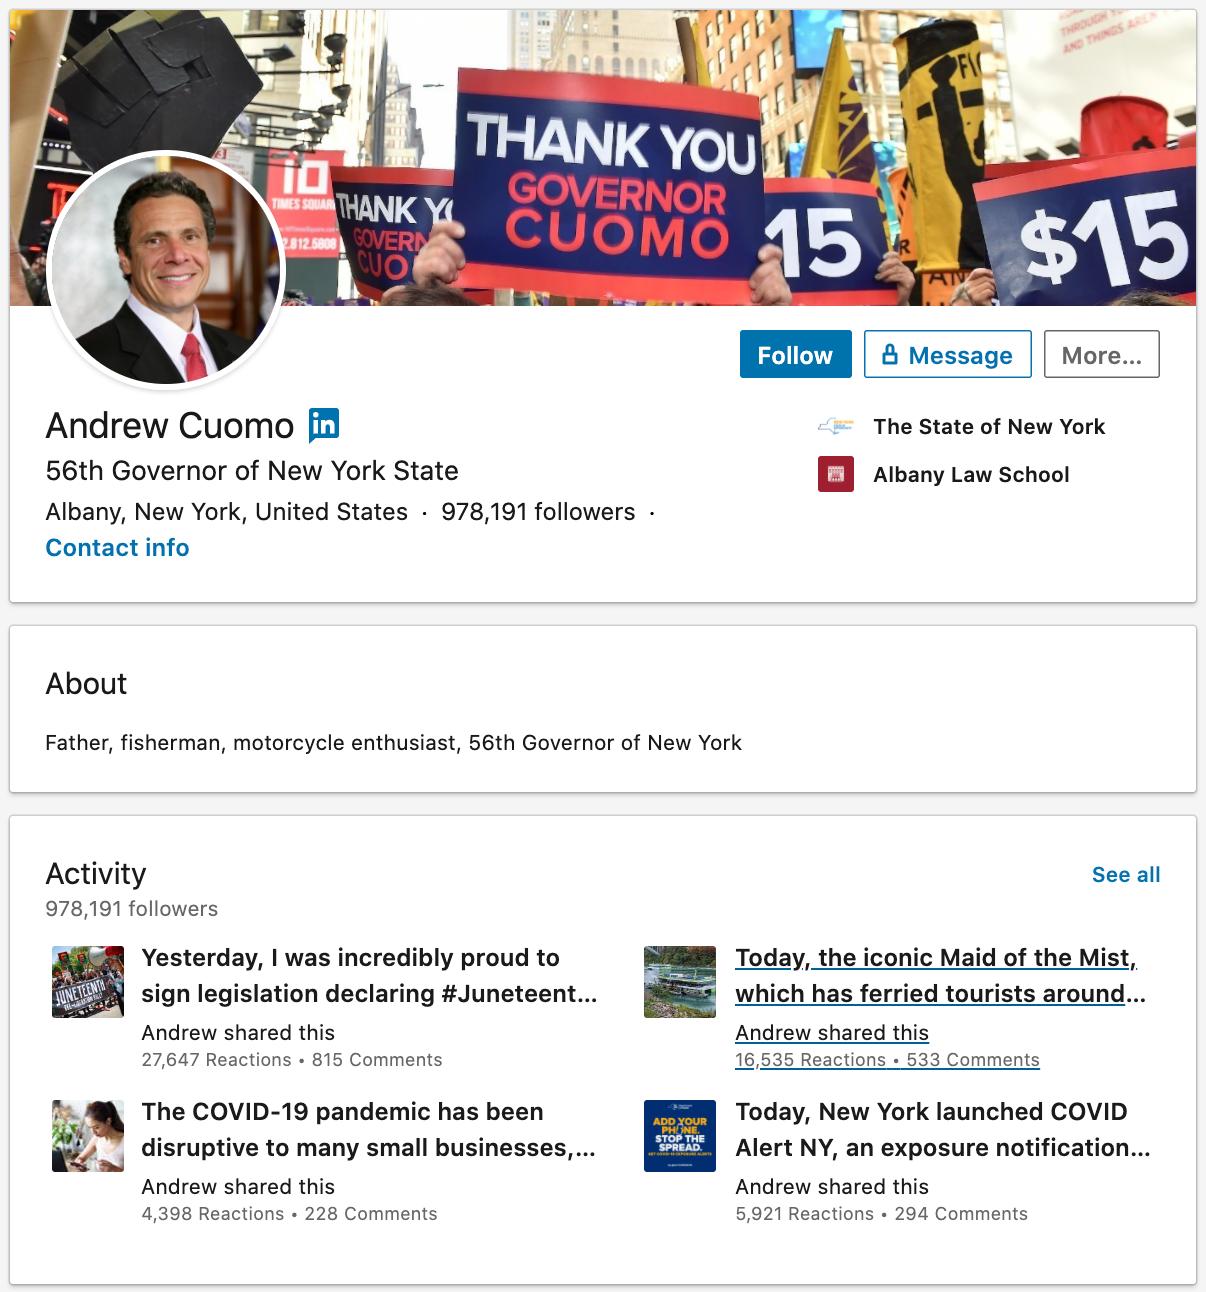 Andrew Cuomo LinkedIn